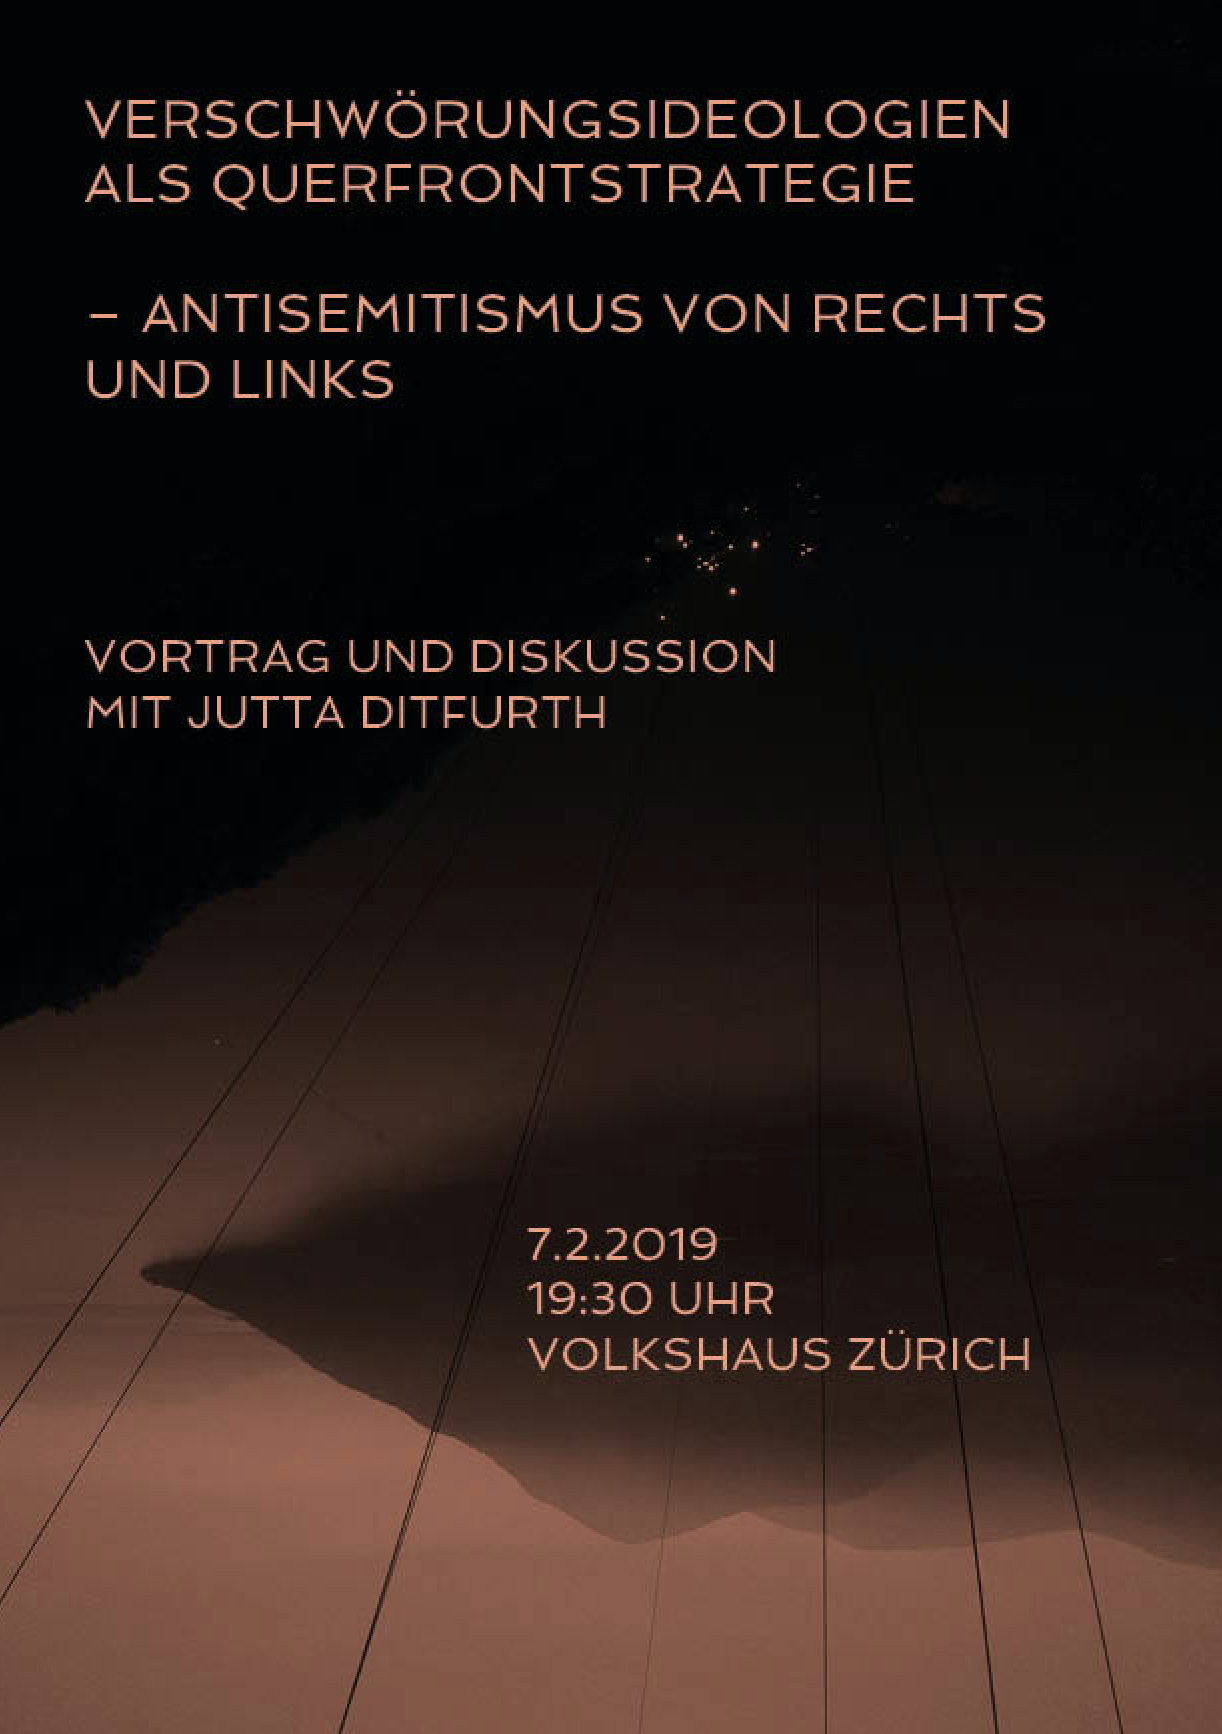 Flyer Jutta Ditfurth: »Verschwörungsideologien als Querfrontstrategie – Antisemitismus von rechts und links«, Vorderseite